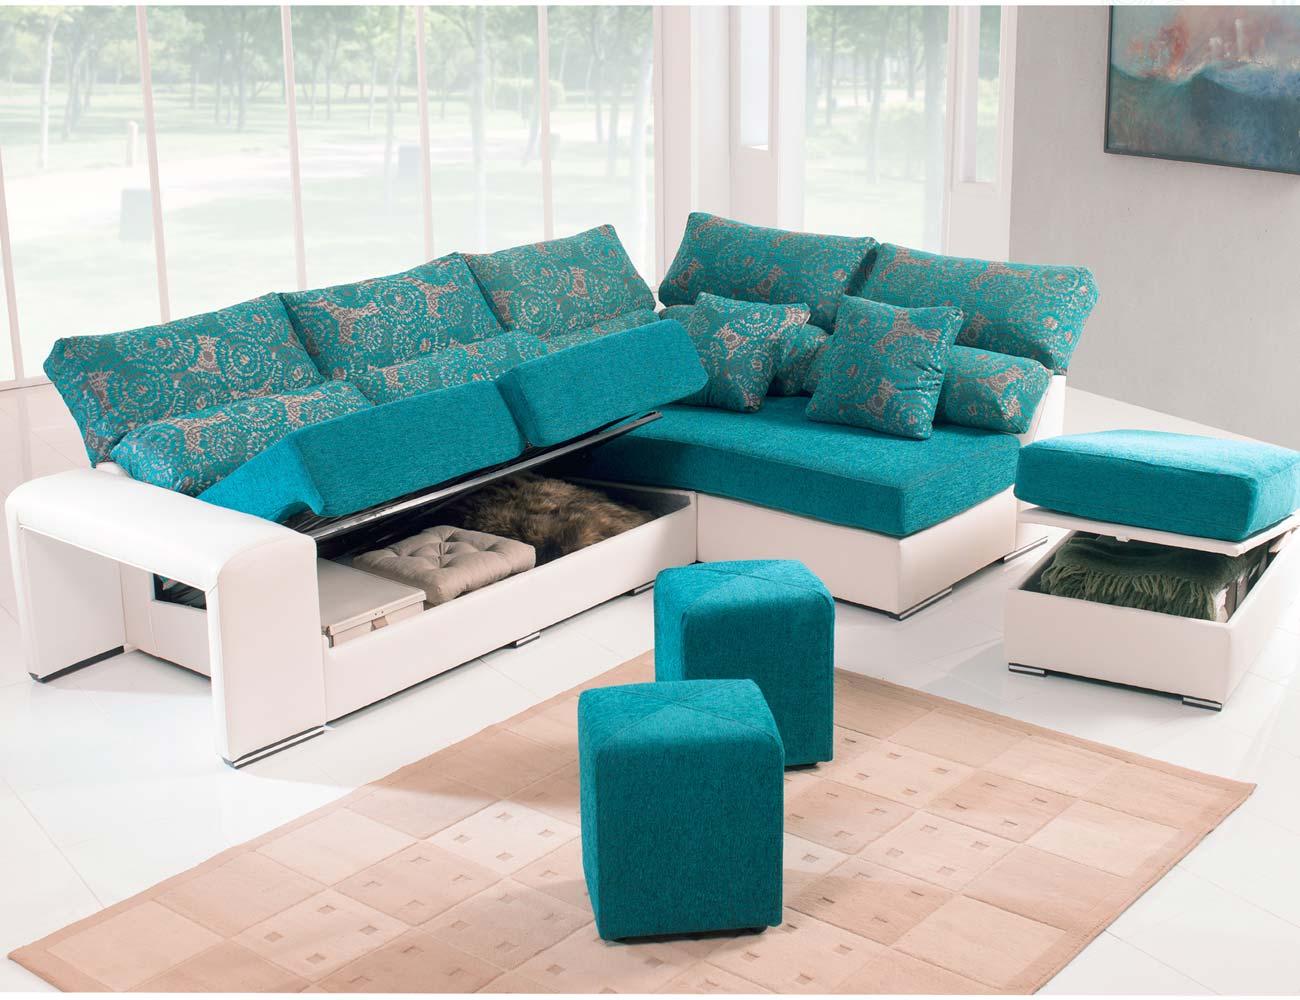 Sofa chaiselongue rincon puff arcon taburete